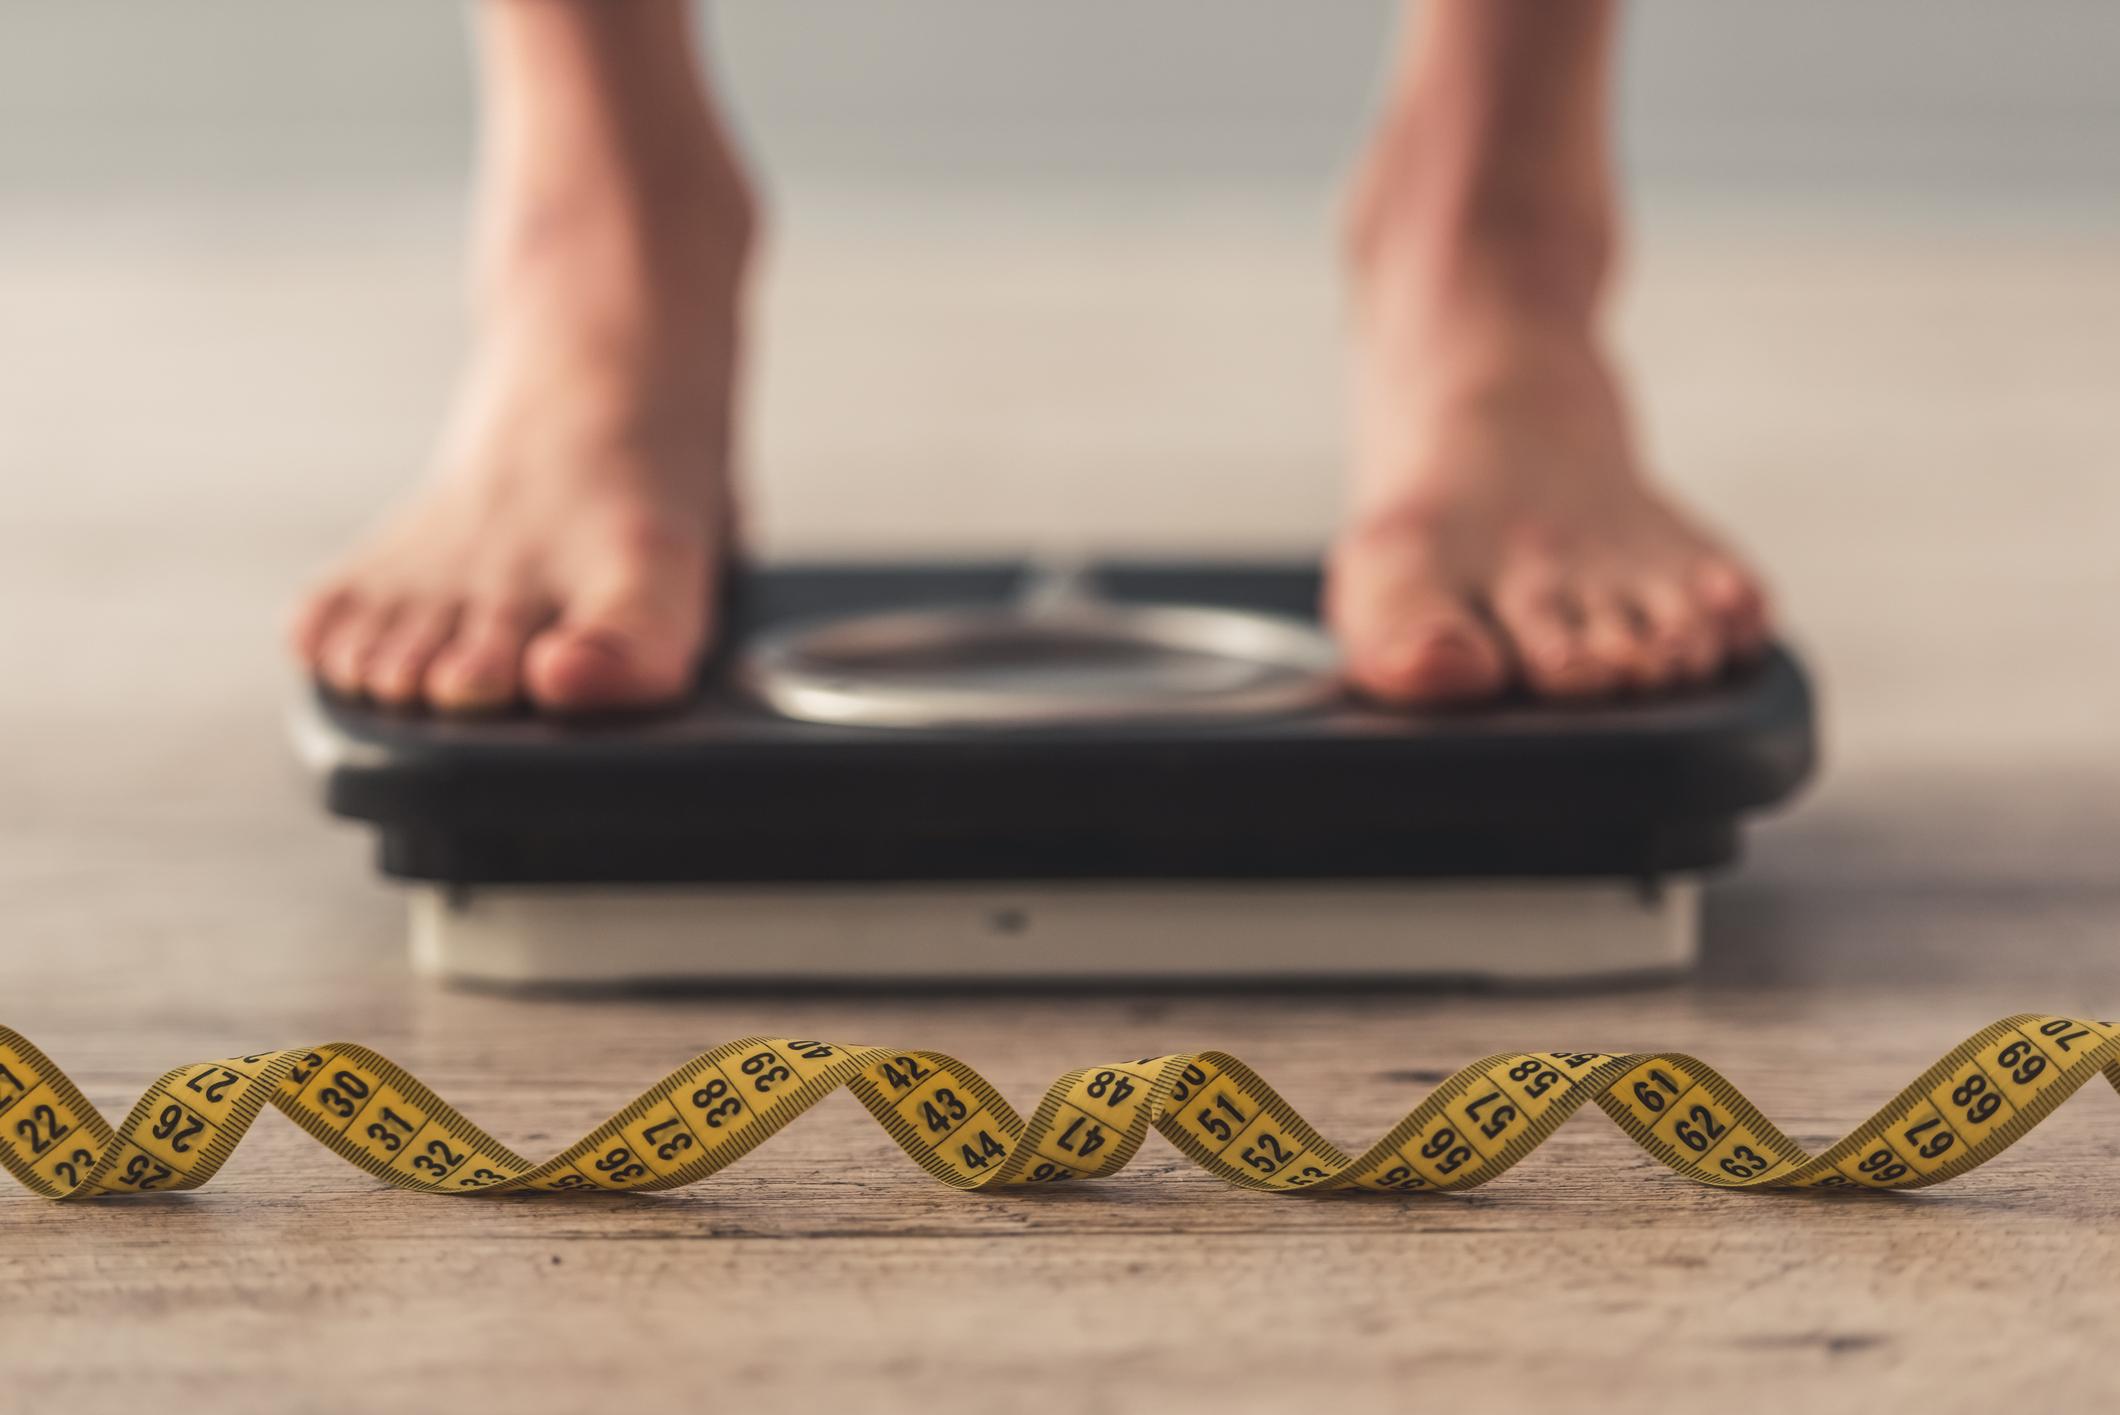 cel mai bun mod de a pierde în greutate în exces)